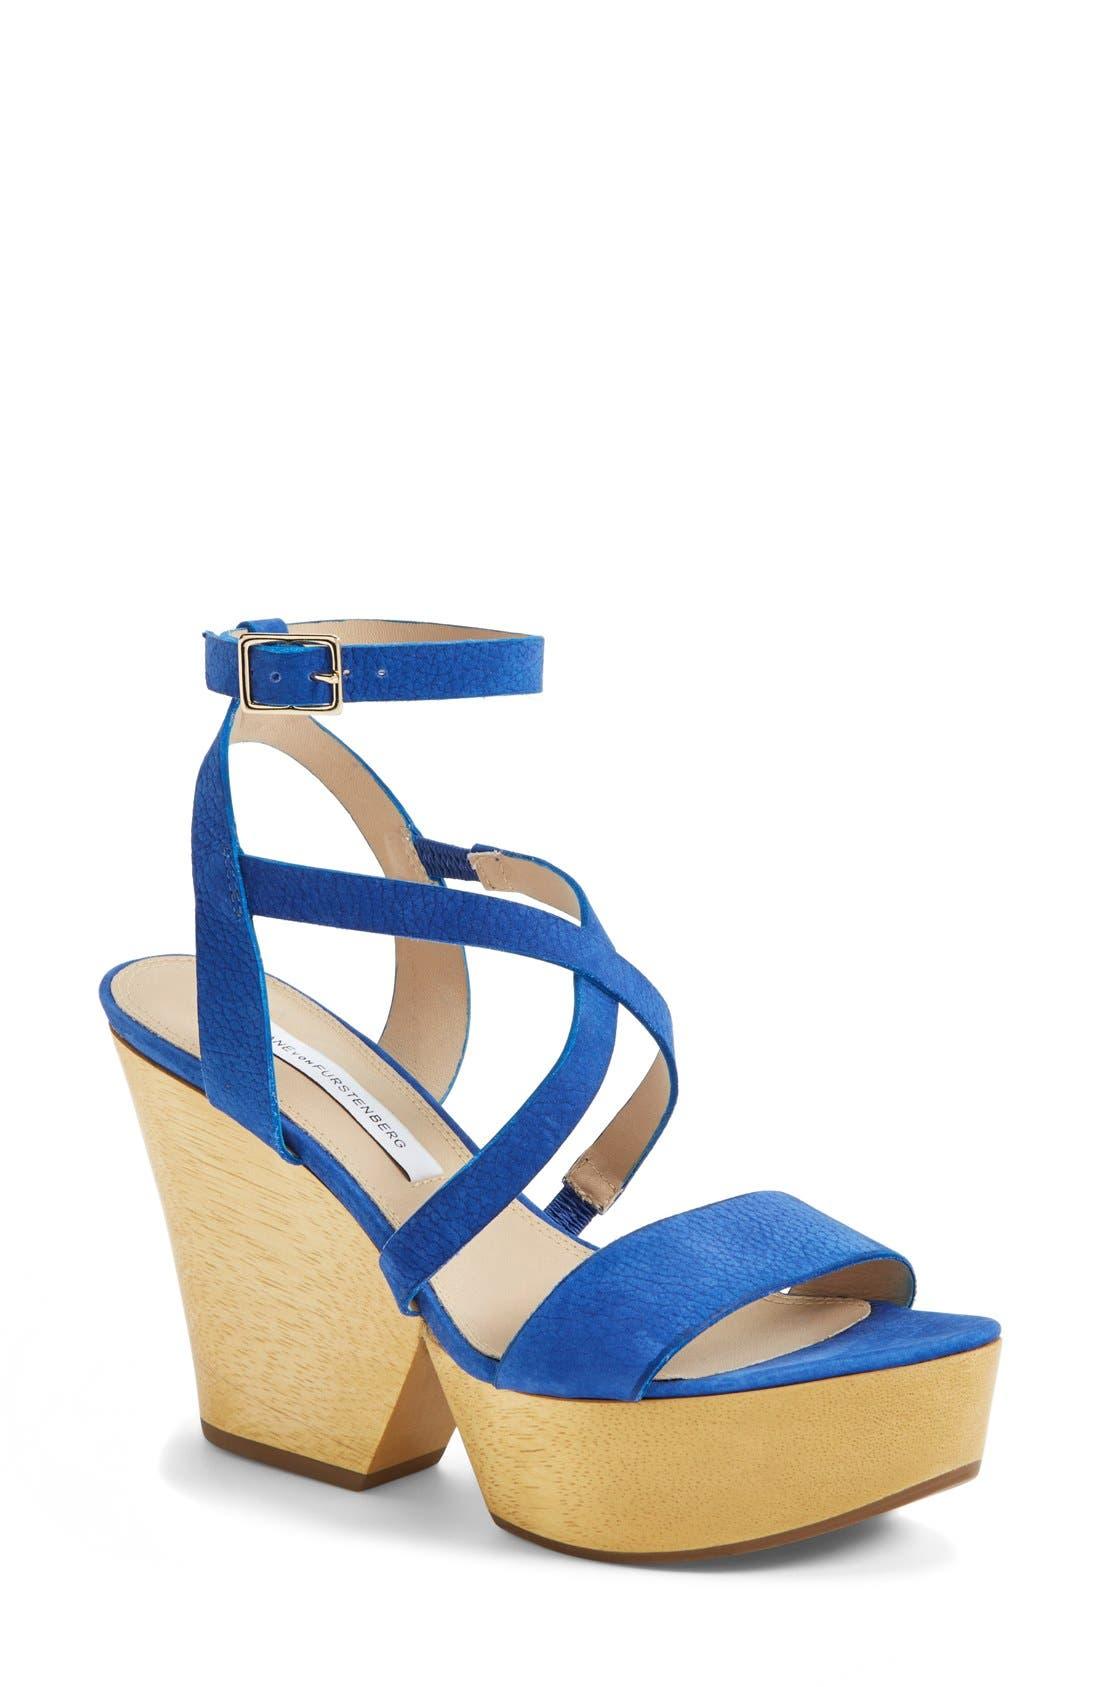 DIANE VON FURSTENBERG 'Lamille' Leather Platform Wedge Sandal, Main, color, 485